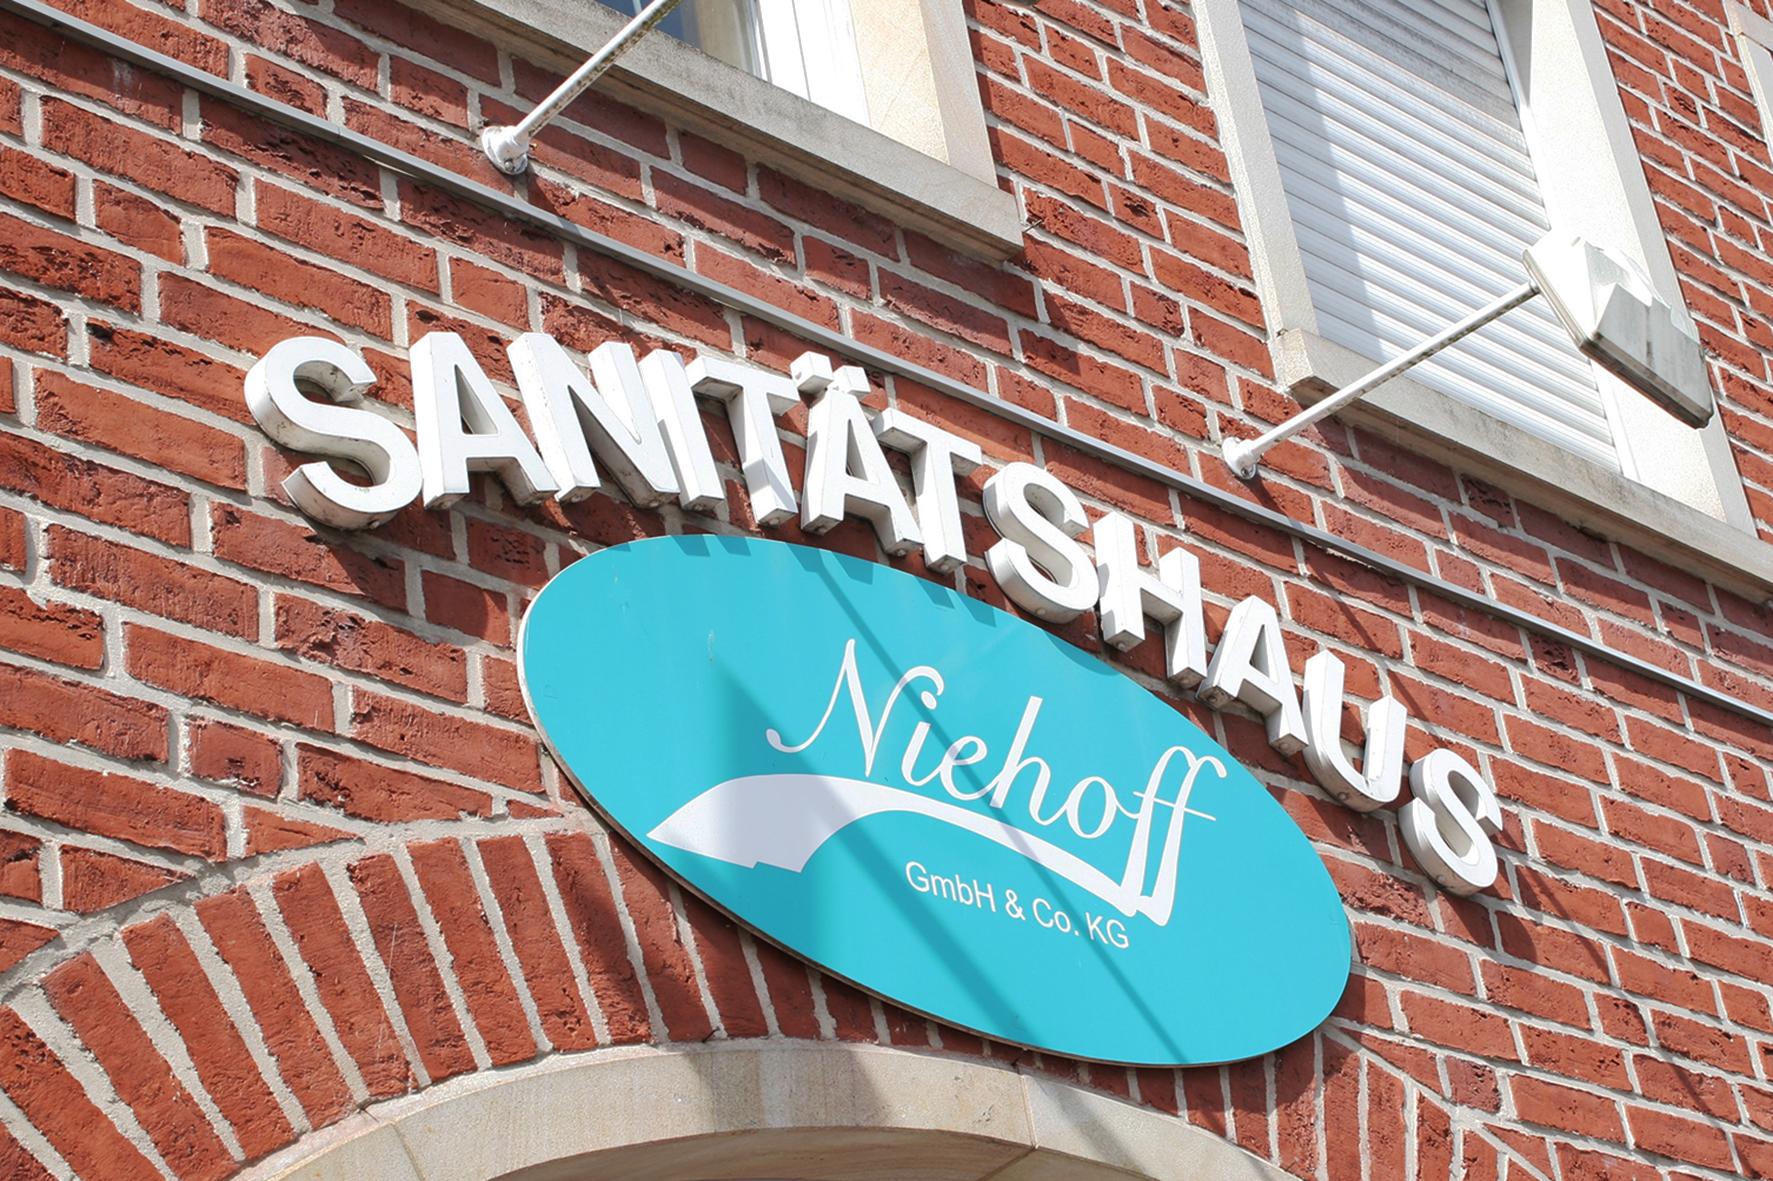 Sanitätshaus Niehoff, Eingangsbereich, Frontal